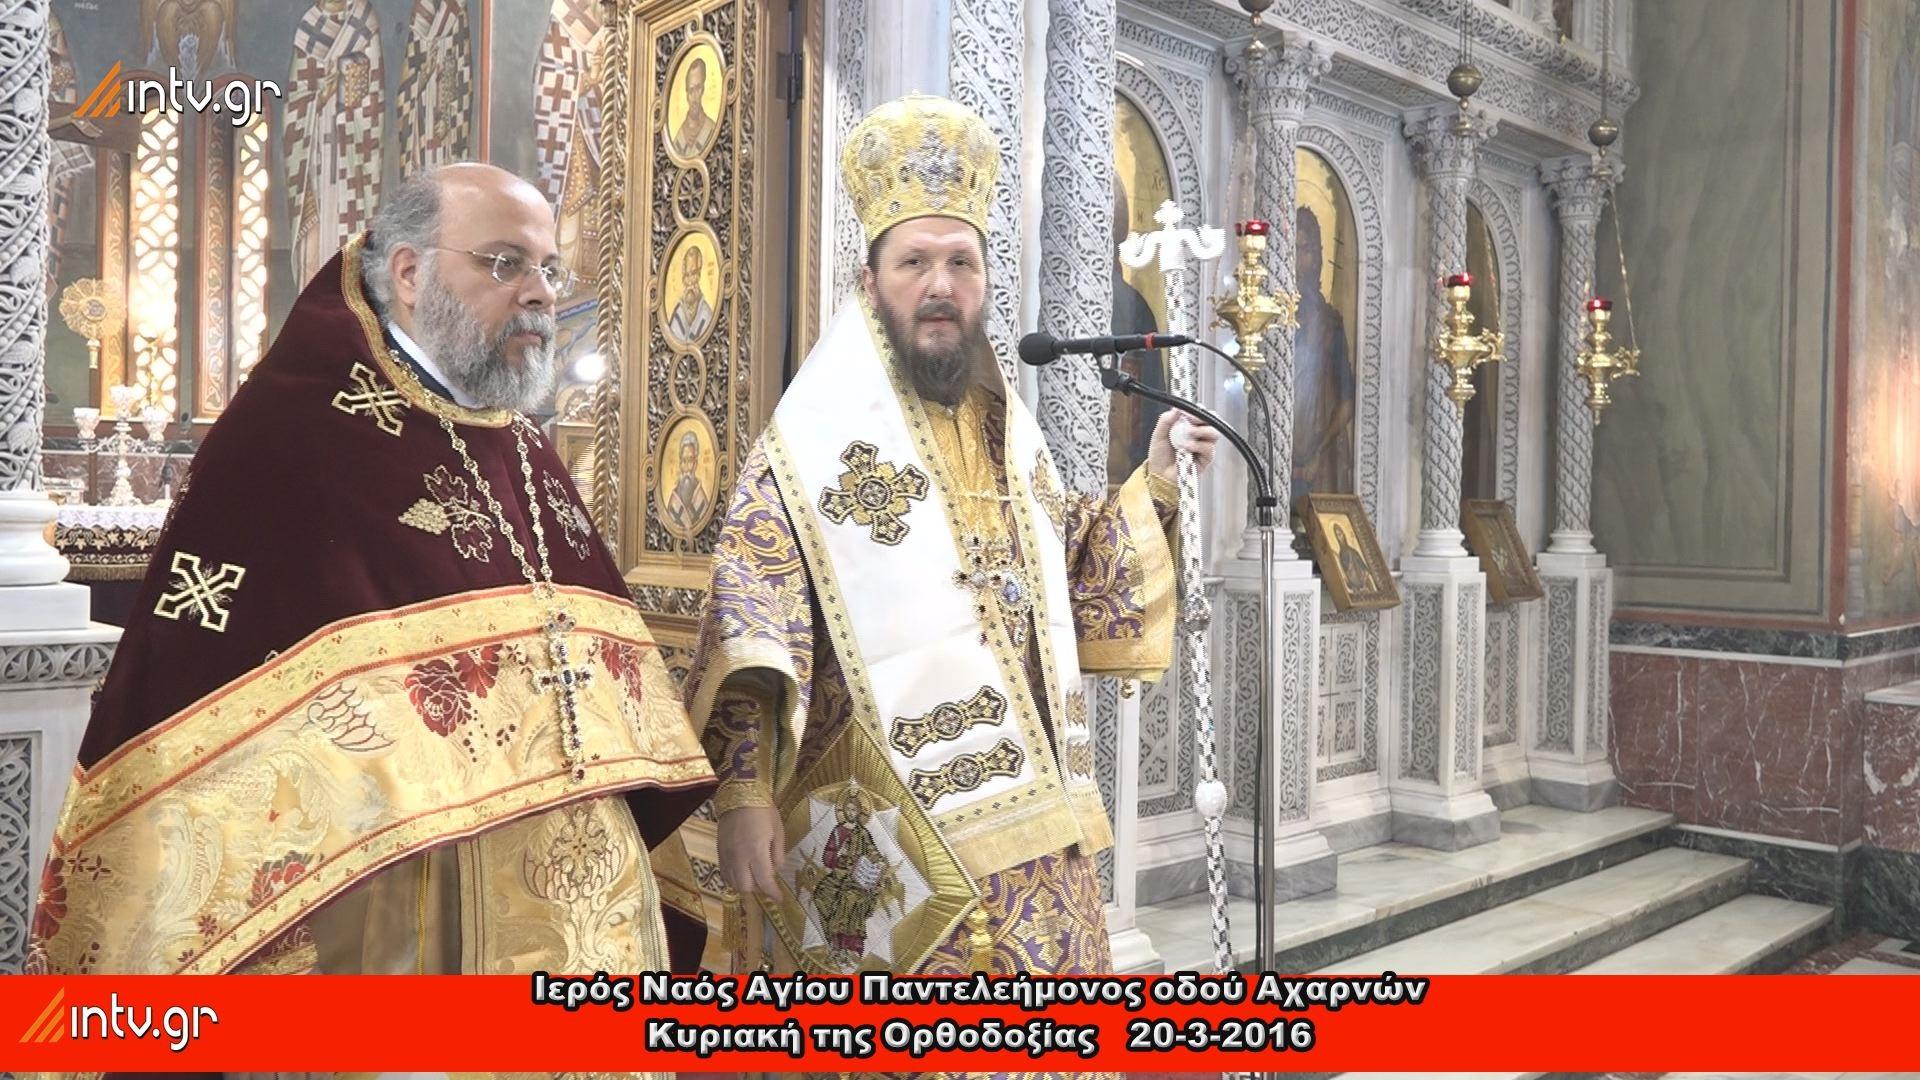 Ιερός Ναός Αγίου Παντελεήμονος οδού Αχαρνών Κυριακή της Ορθοδοξίας